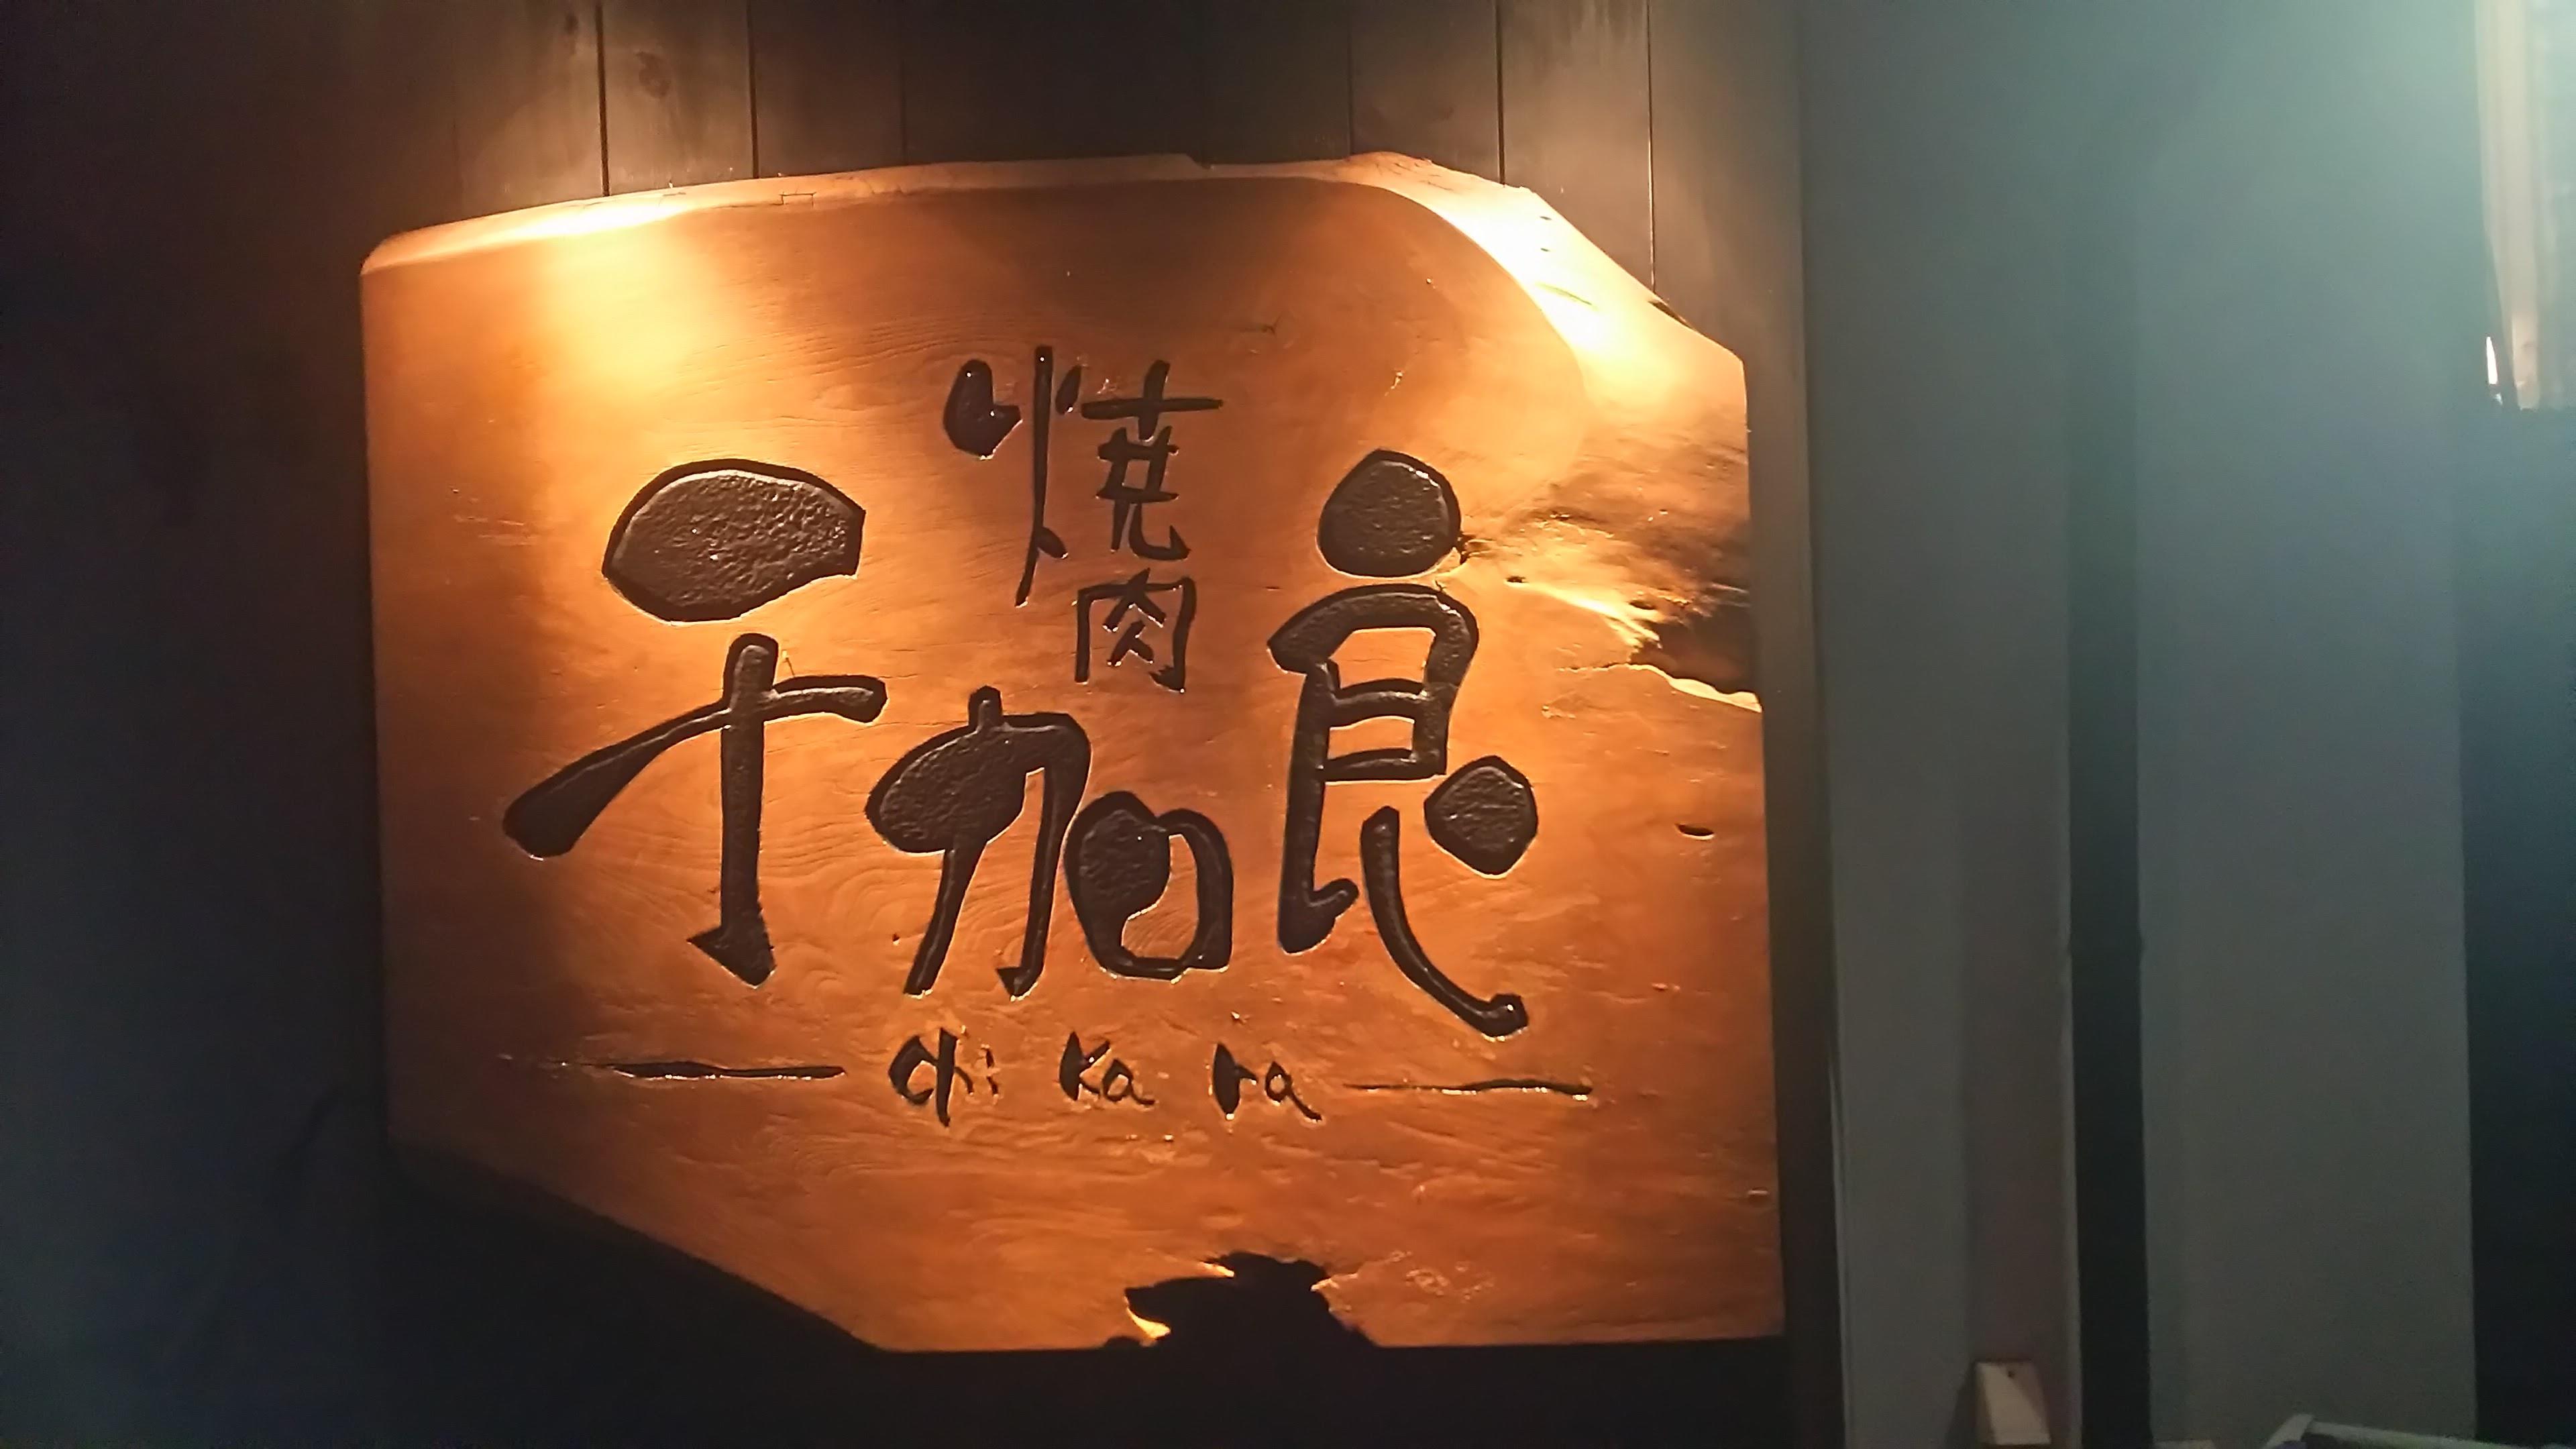 【レビュー】愛知県豊田市 焼肉 千加良(ちから)に行ってきた